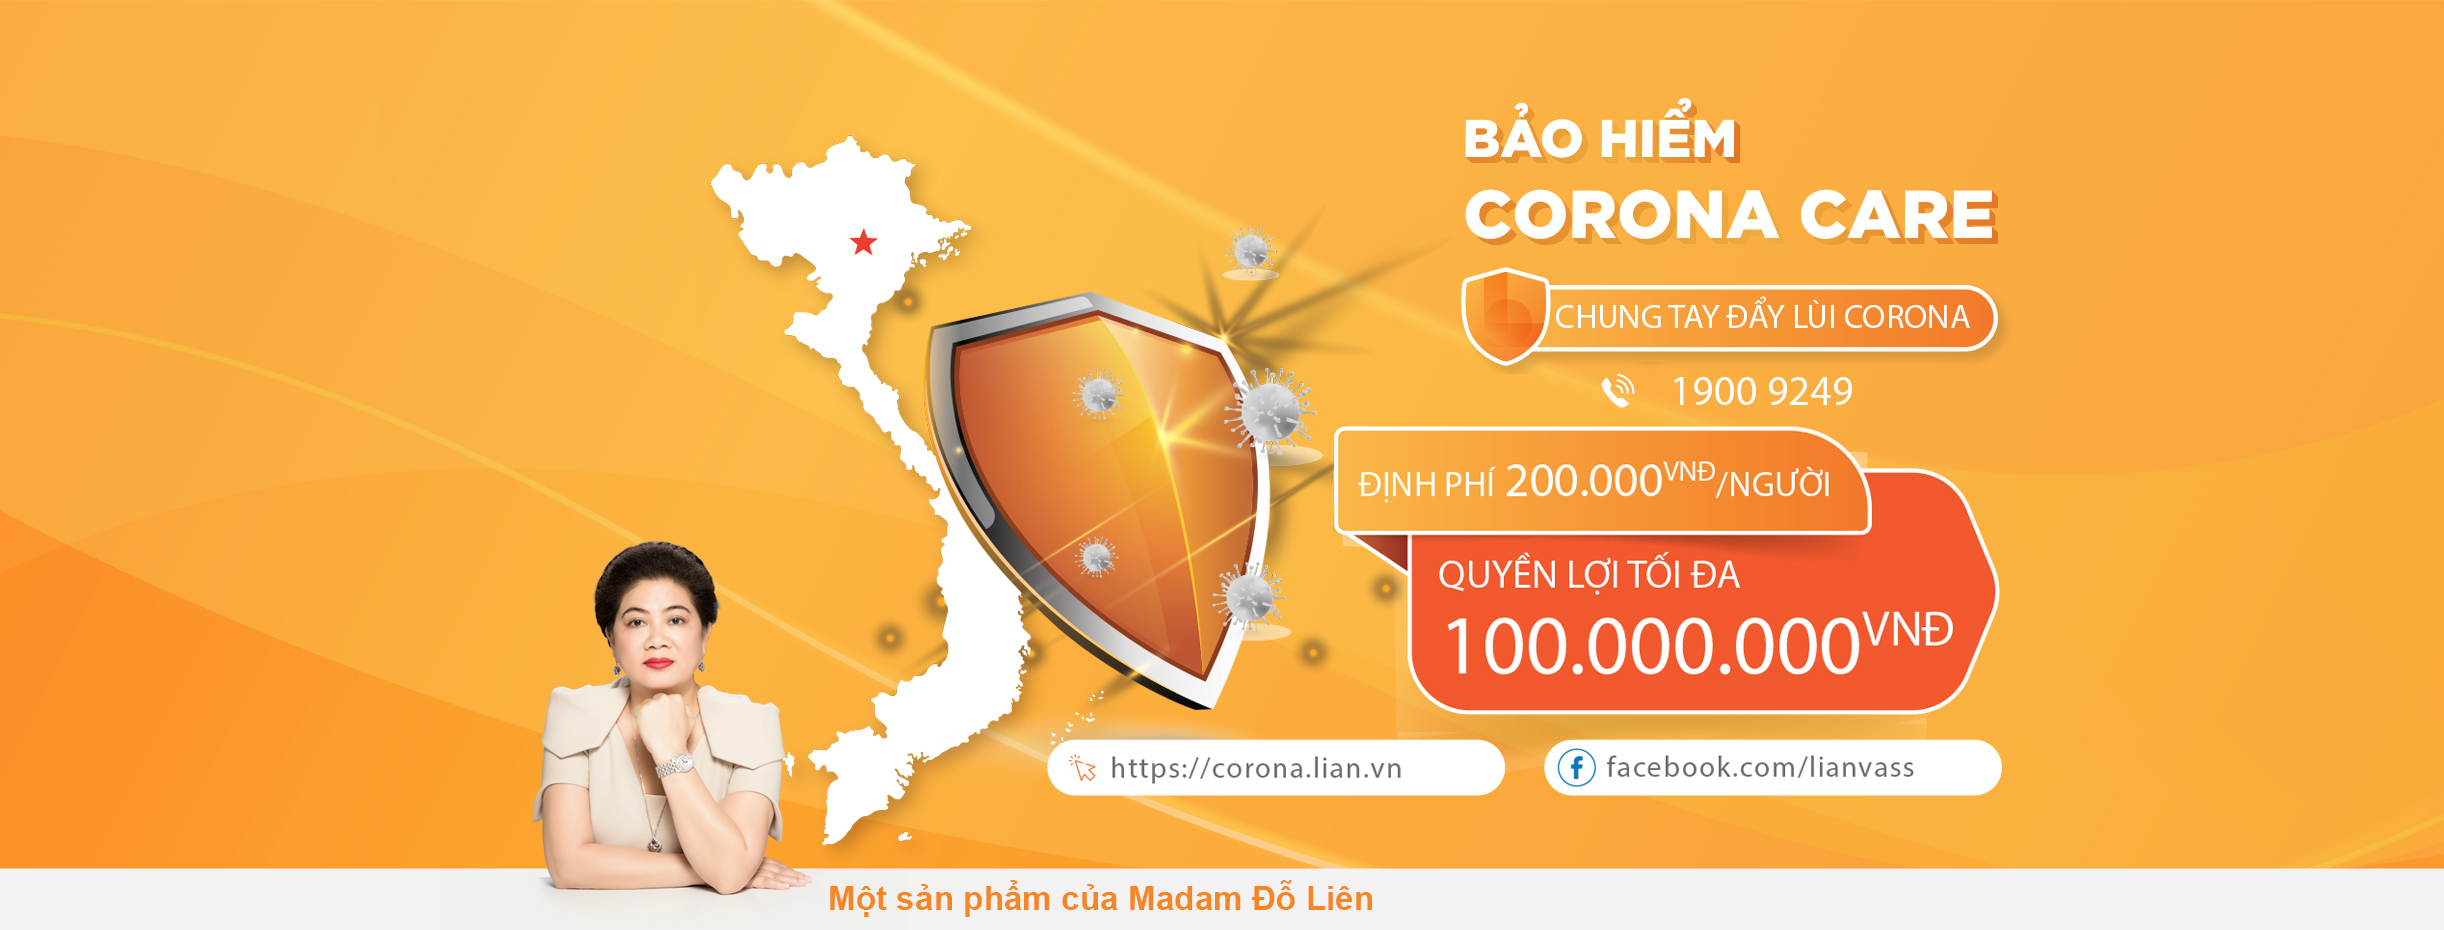 (Theo Tiền Phong) Nhiều khách hàng 'phòng chống' dịch Covid-19 bằng bảo hiểm Corona Care